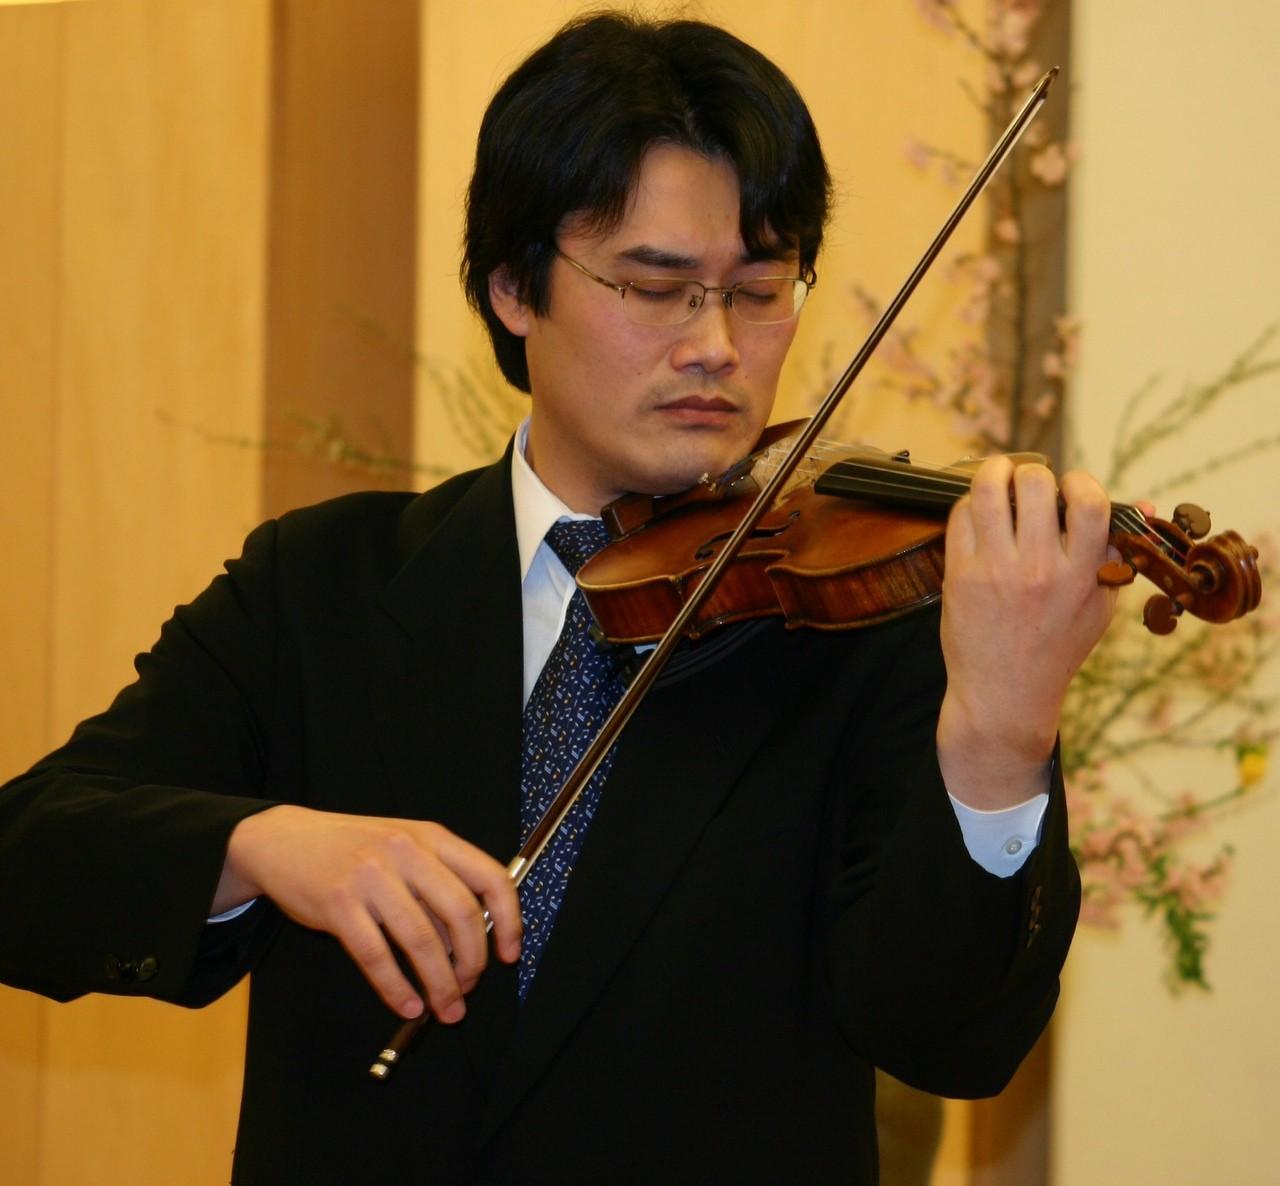 ユニットマスター&ヴァイオリン 原田 潤一